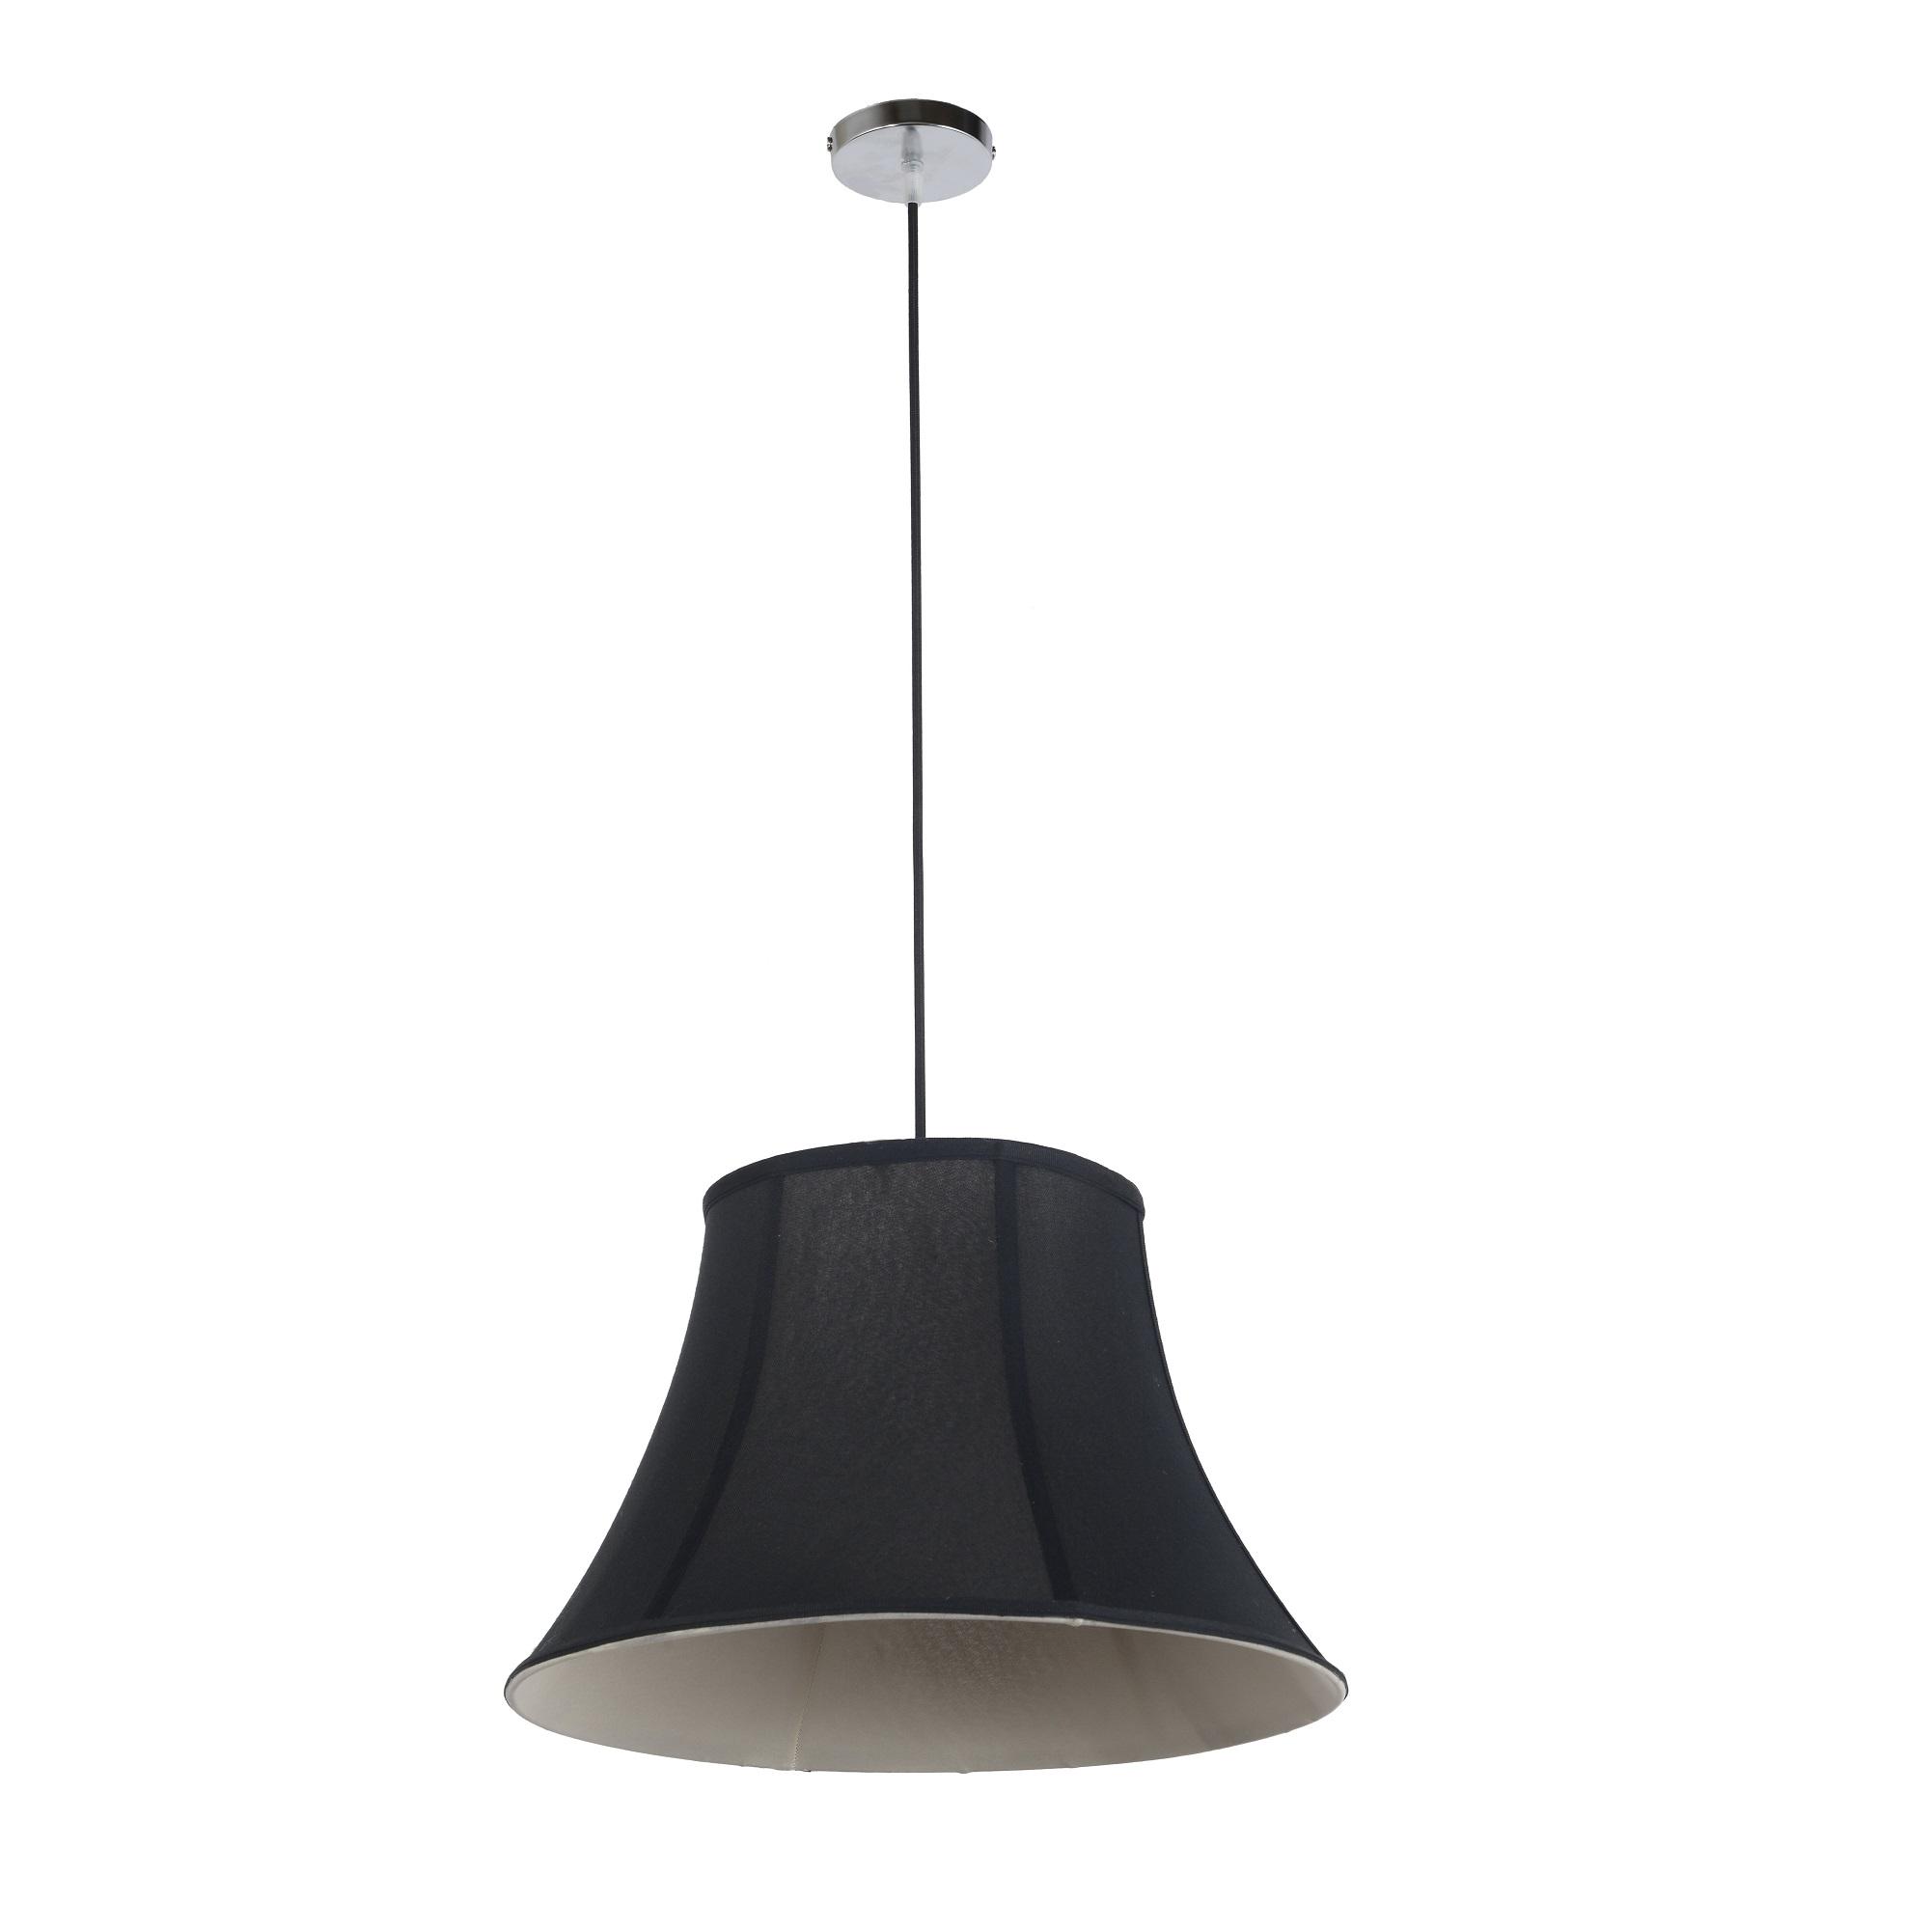 Подвесной светильник Arti Lampadari Cantare E 1.3.P1 B светильник arti lampadari tempo e 1 3 p1 br tempo